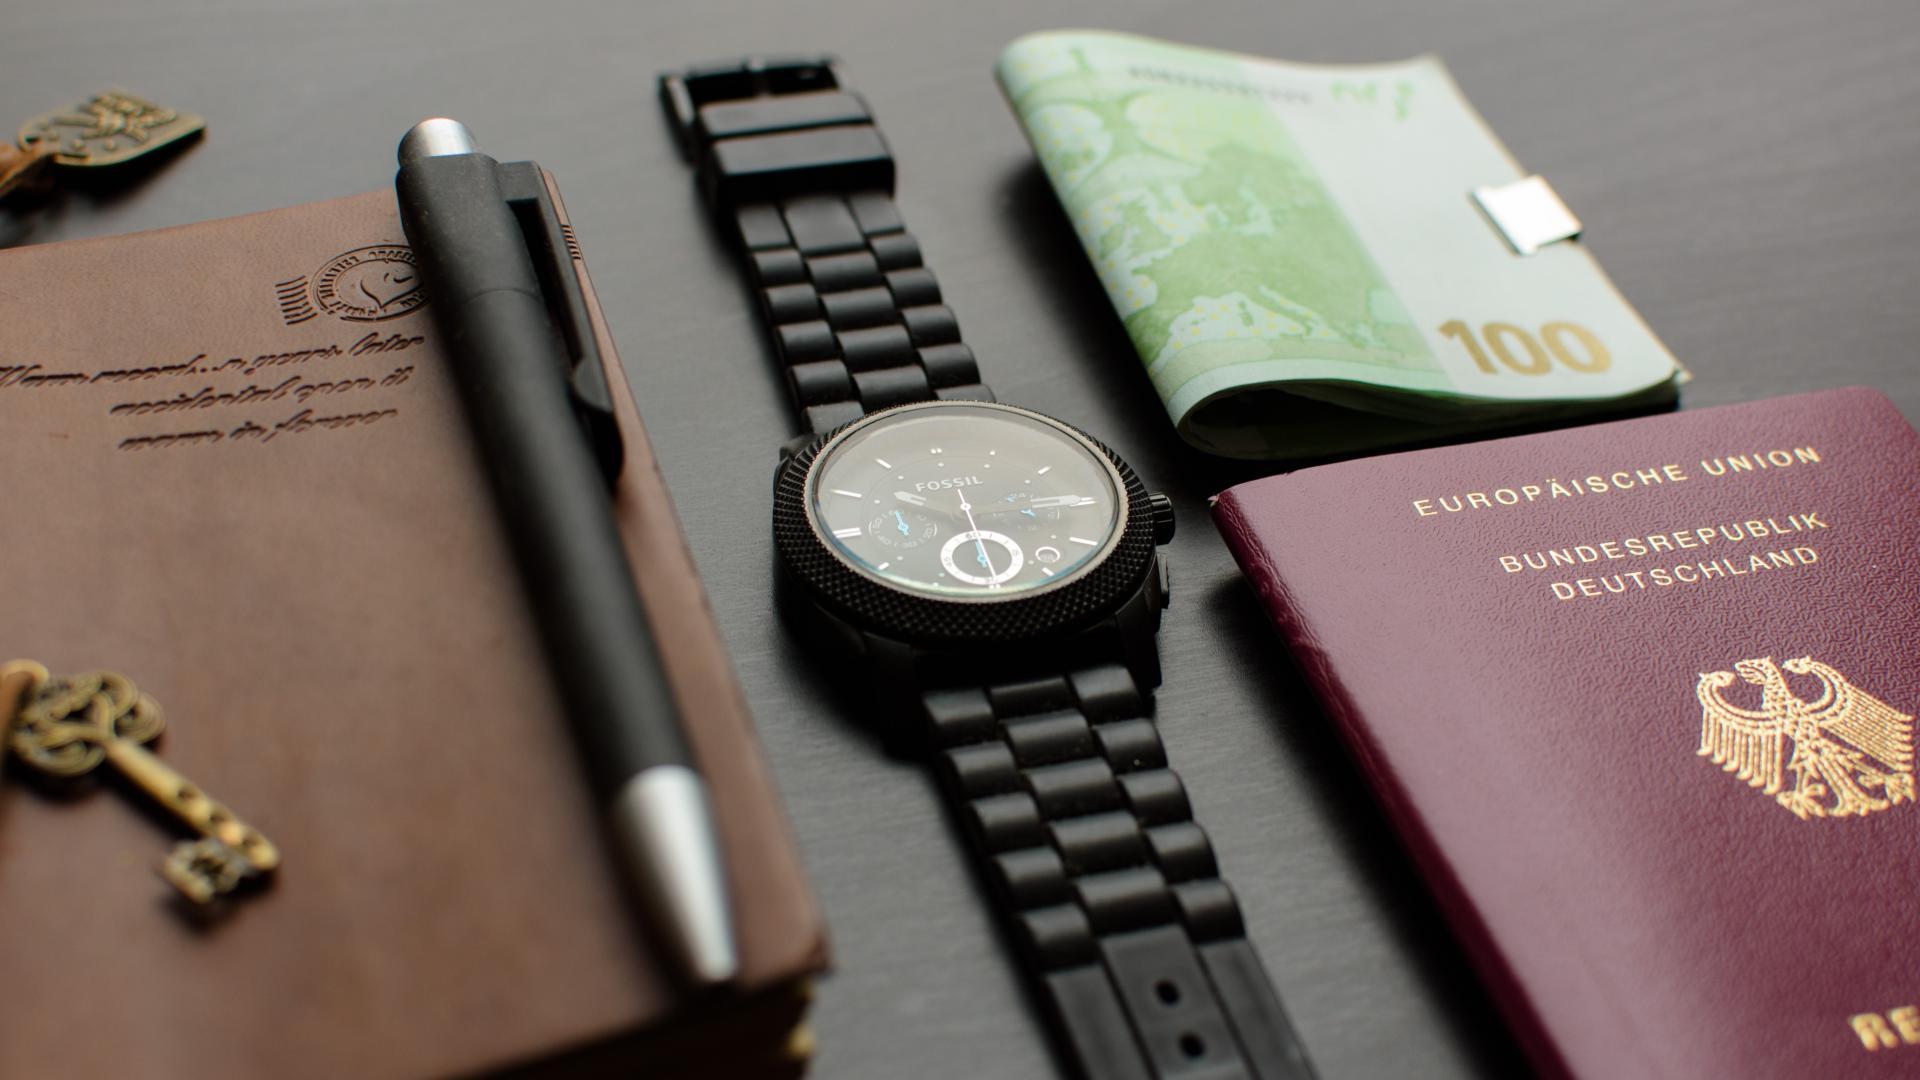 Reisepass, Uhr, Geld und Tagebuch auf einem Tisch